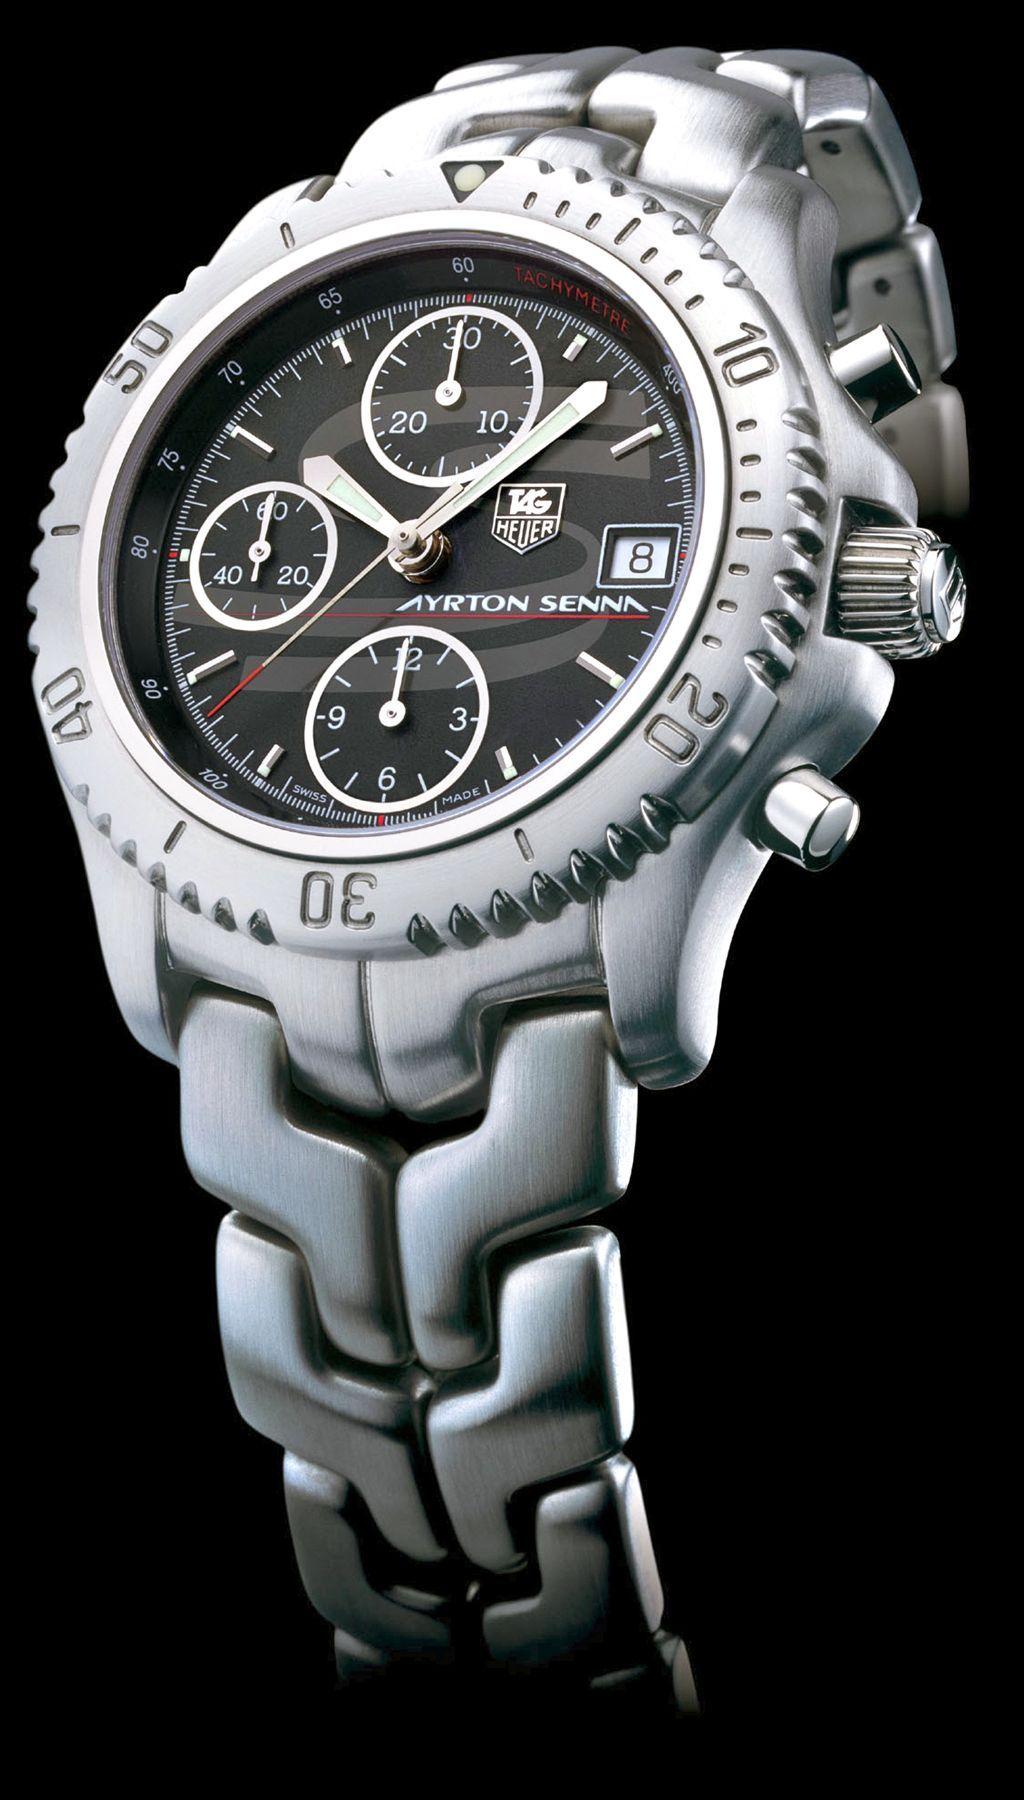 238645e0e43 2001 TAG Heuer Link Ayrton Senna